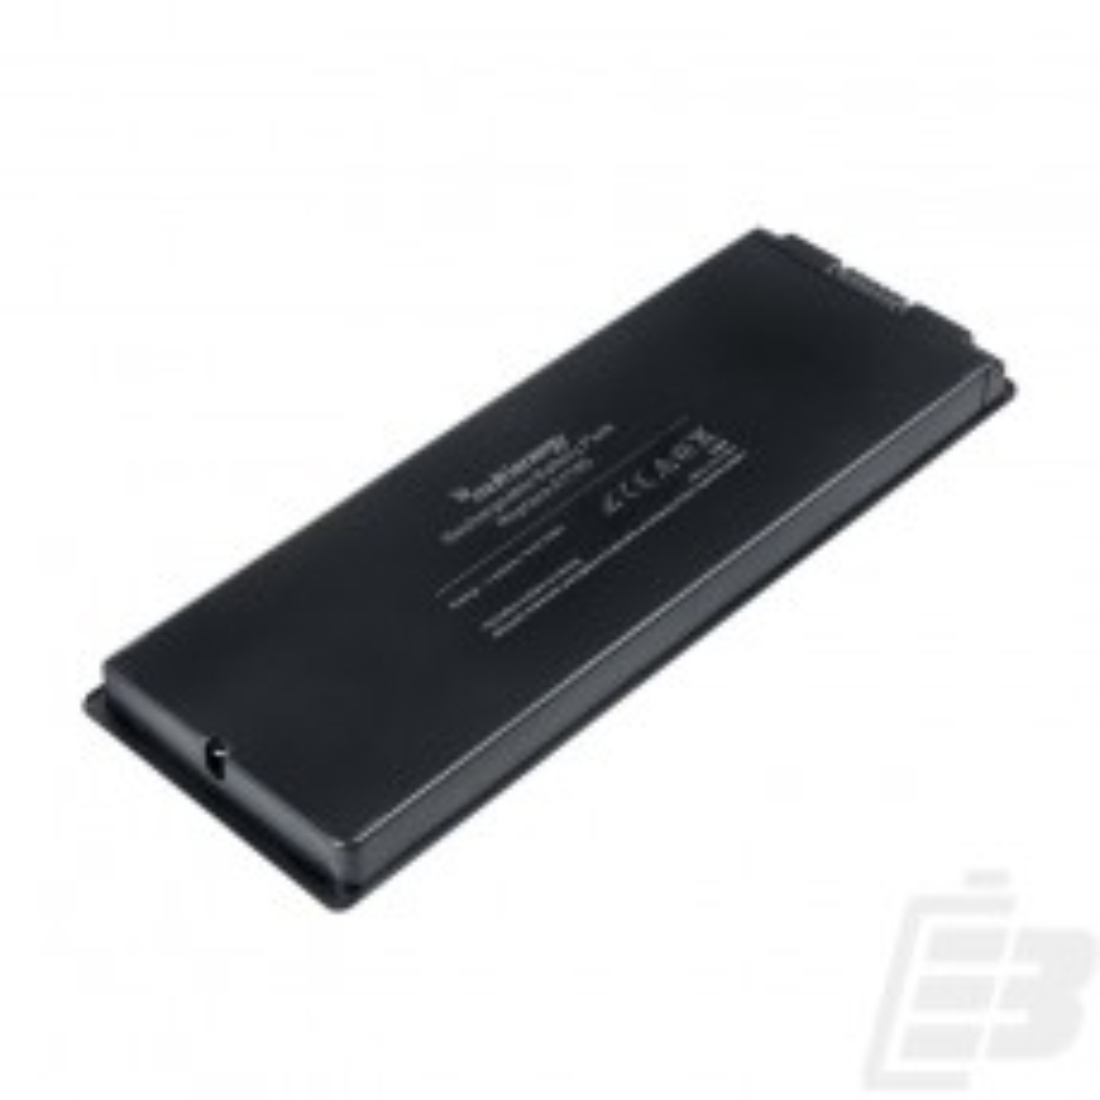 """Μπαταρία Laptop Apple MacBook 13"""" A1181 Μαύρη_1"""